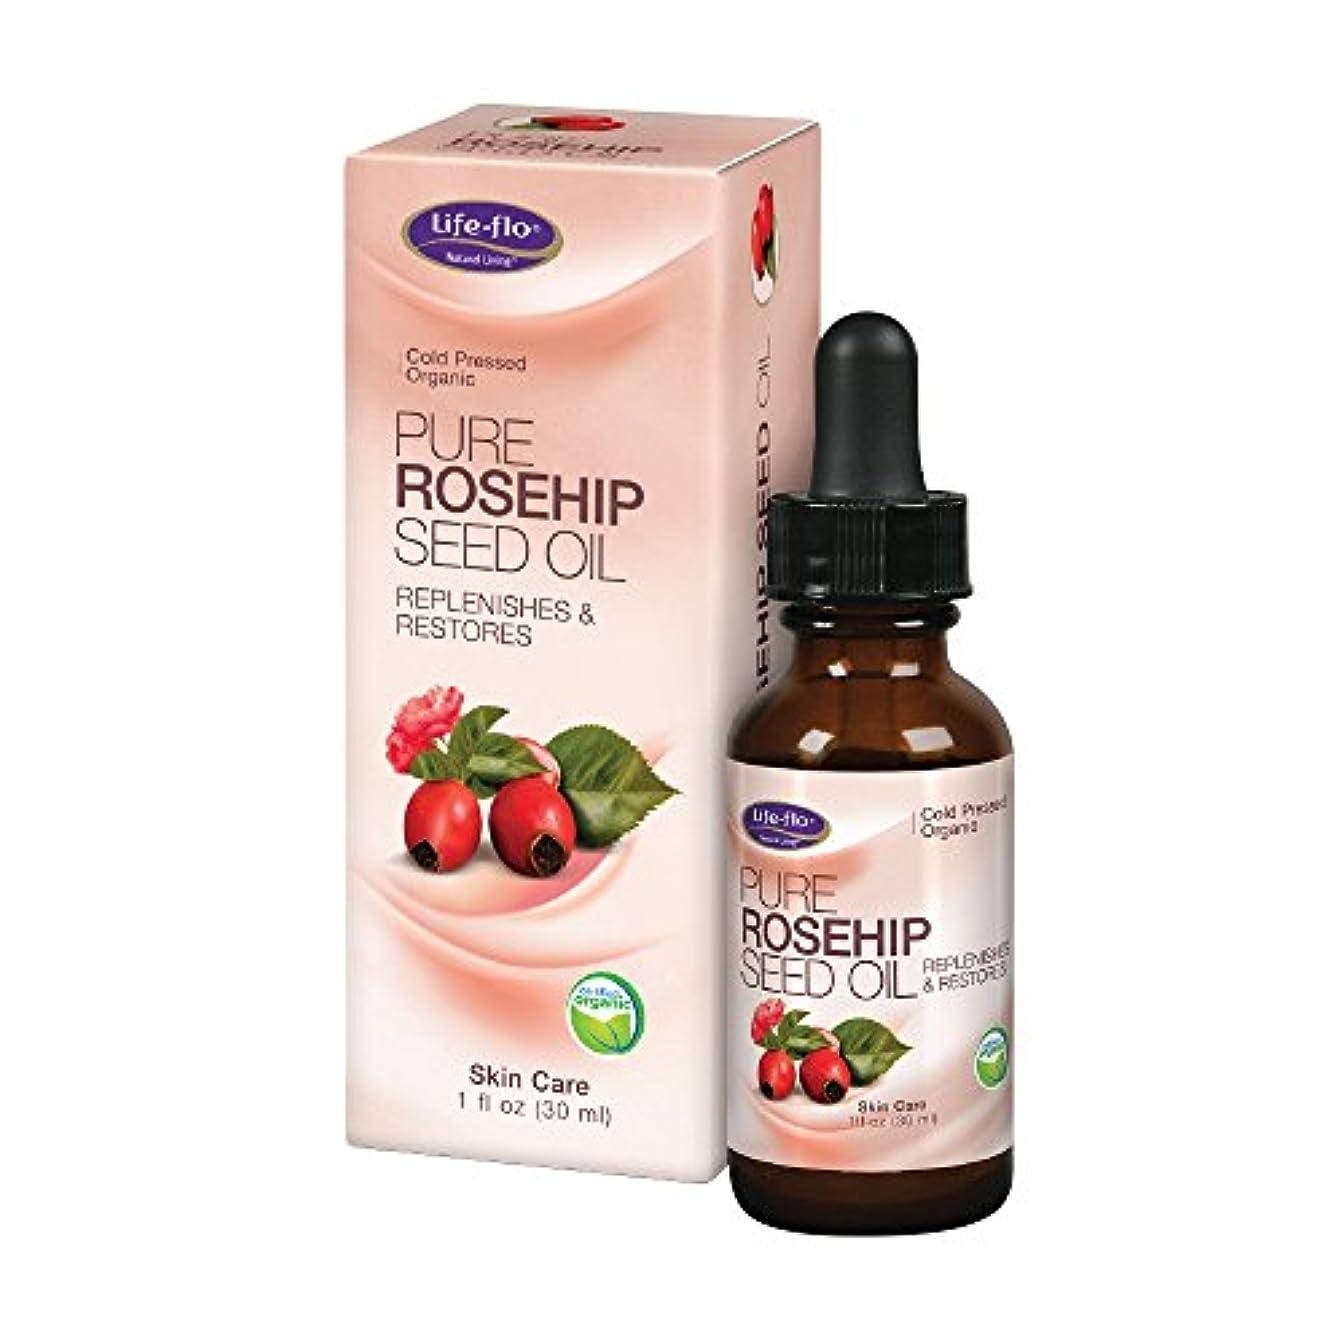 しばしば日付リズミカルな海外直送品 Life-Flo Pure Rosehip Seed Oil, 1 oz